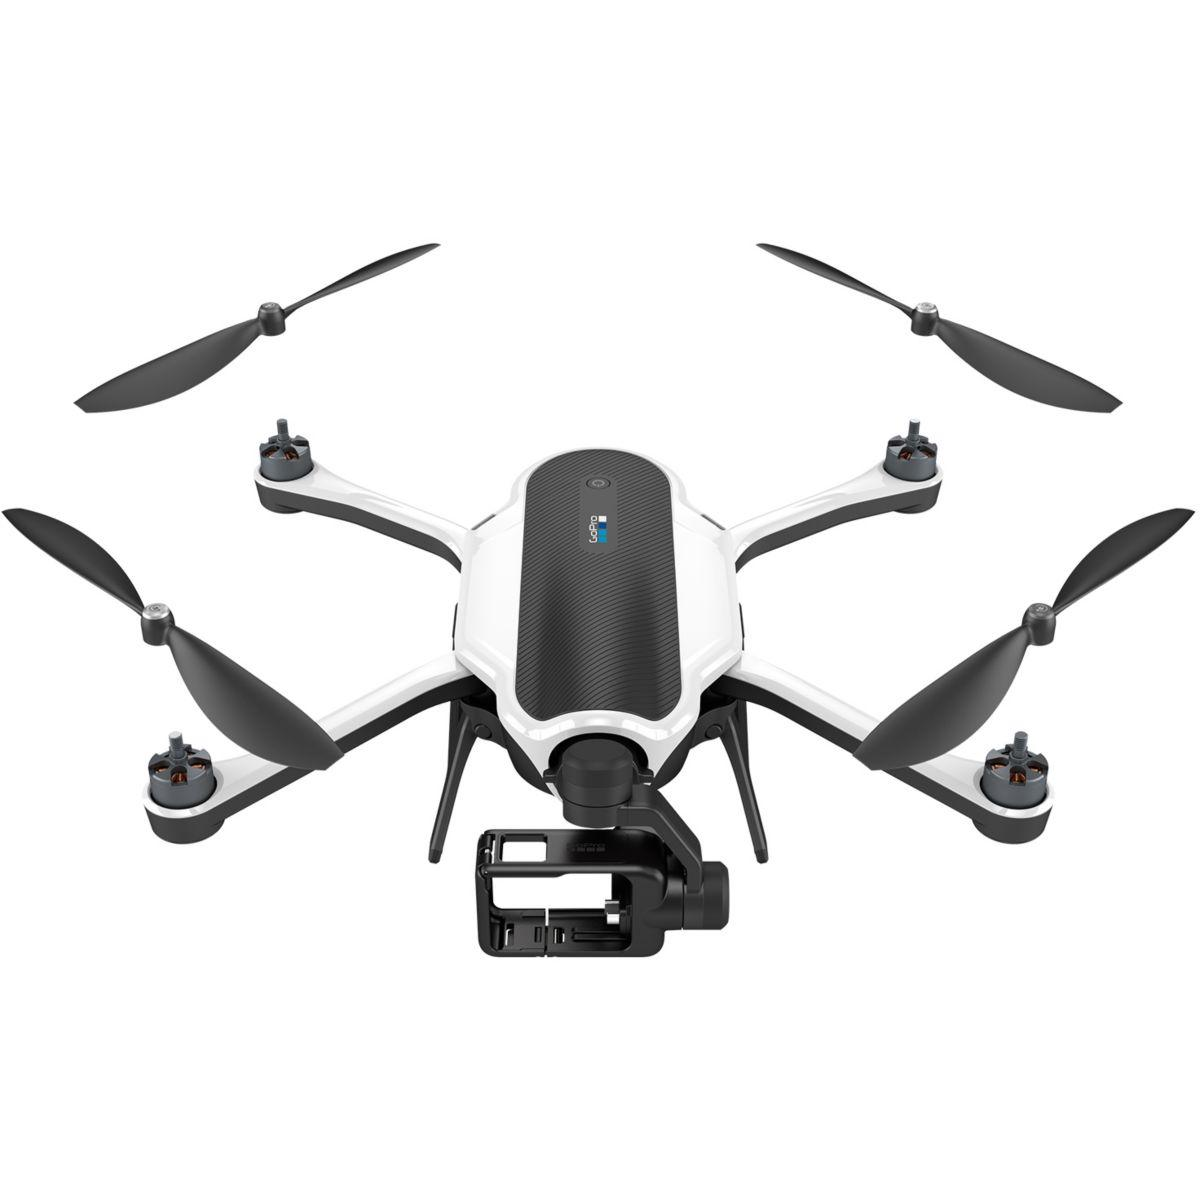 Drones gopro karma light - coup de coeur de l'équipe (photo)